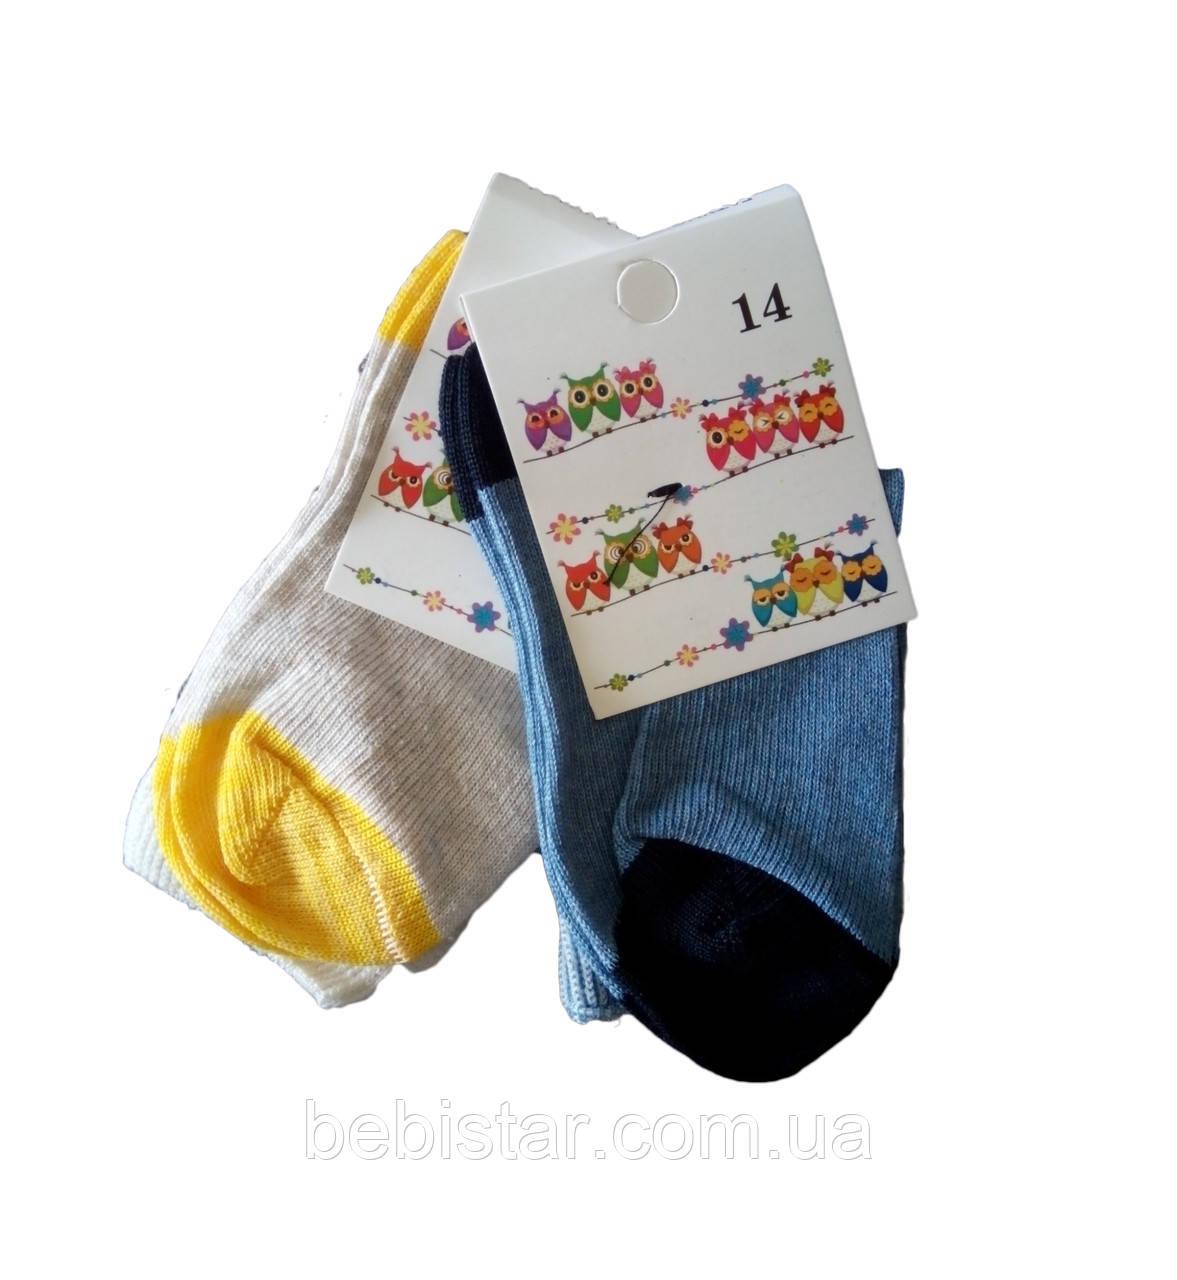 Носки для мальчика синие и серые 1-2 года